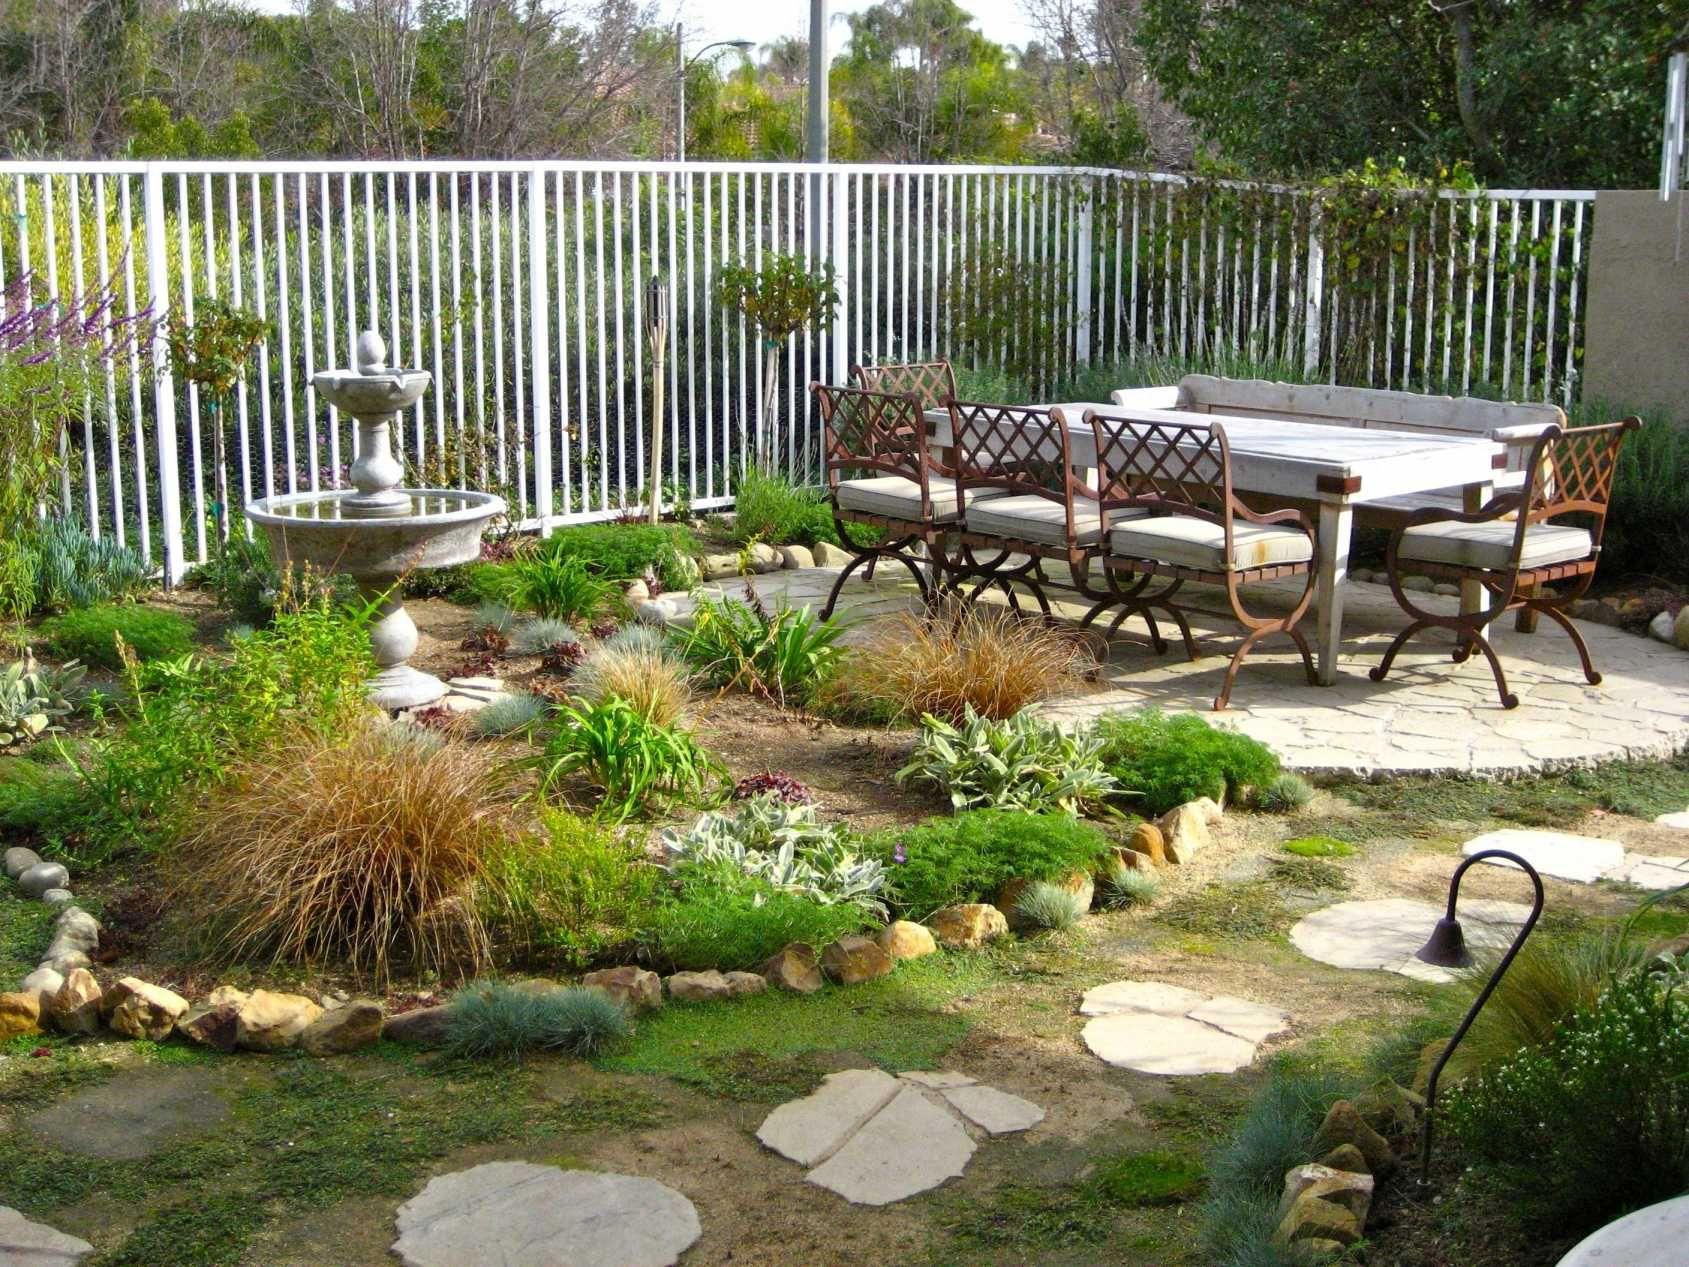 Ndr Garten 110 New Rotes Sofa Ndr Mein Schoner Garten Zeitschrift Gewahlt Frische Scho Small Backyard Landscaping Small Backyard Gardens Small Backyard Patio